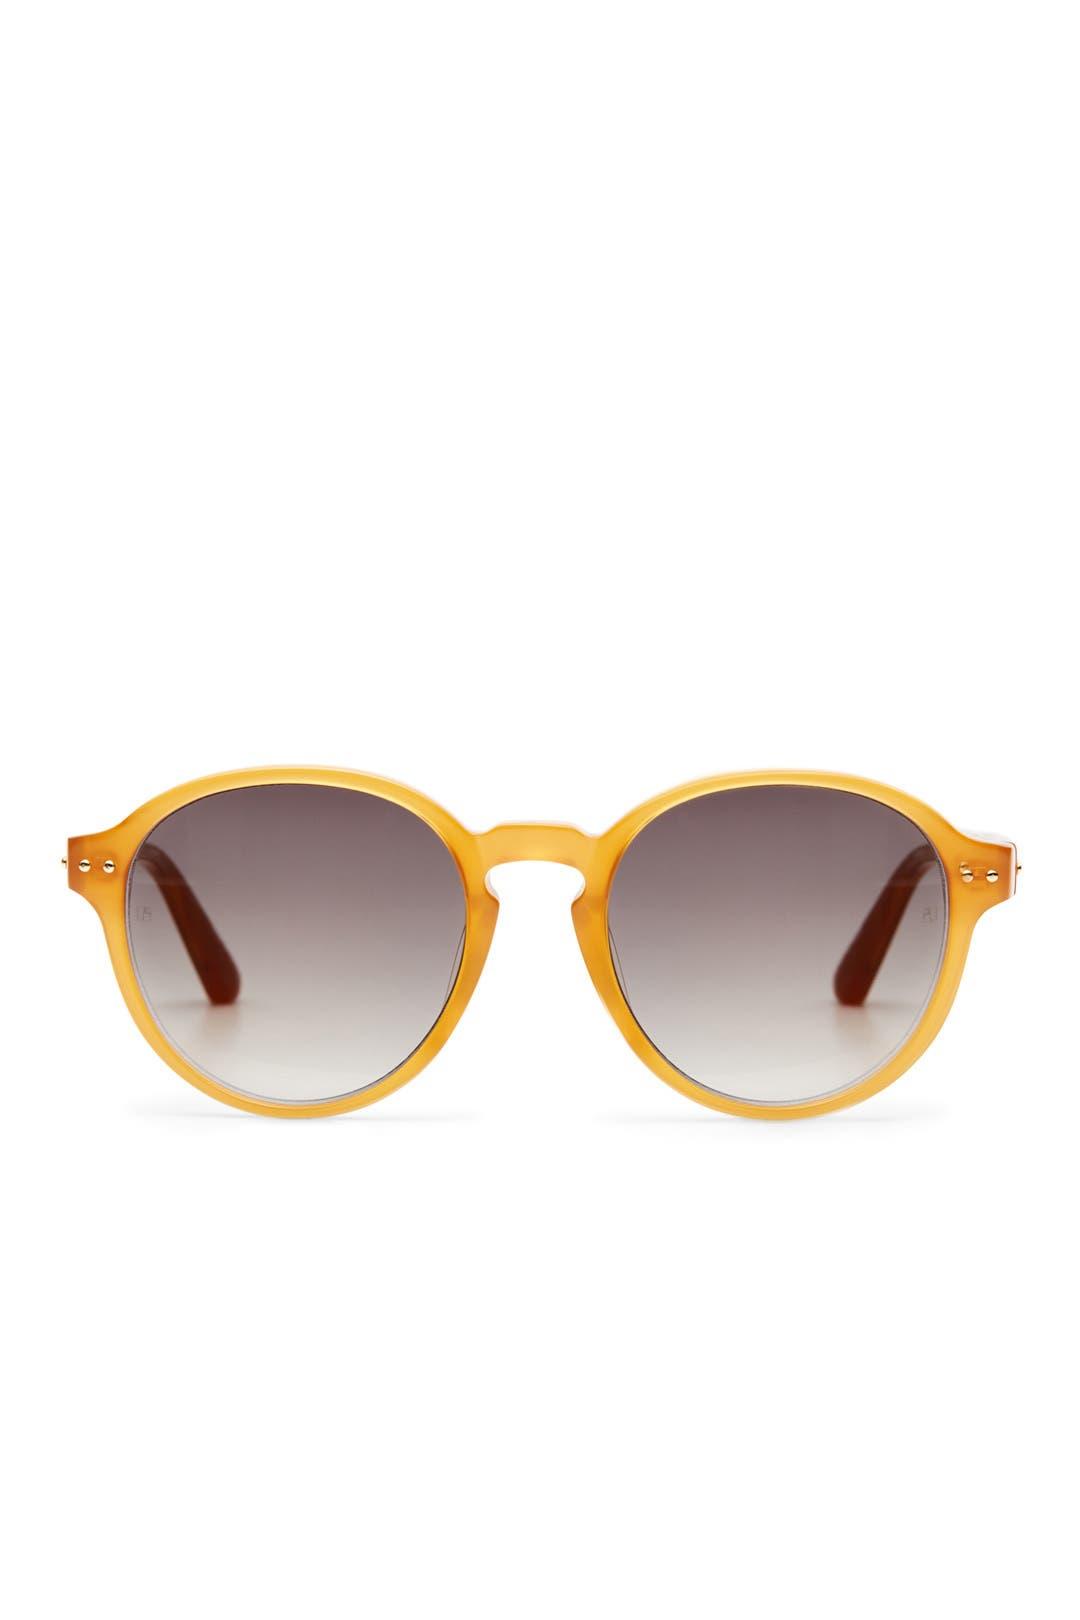 7491165c0e5 Honey Grey Sunglasses by Linda Farrow for  80